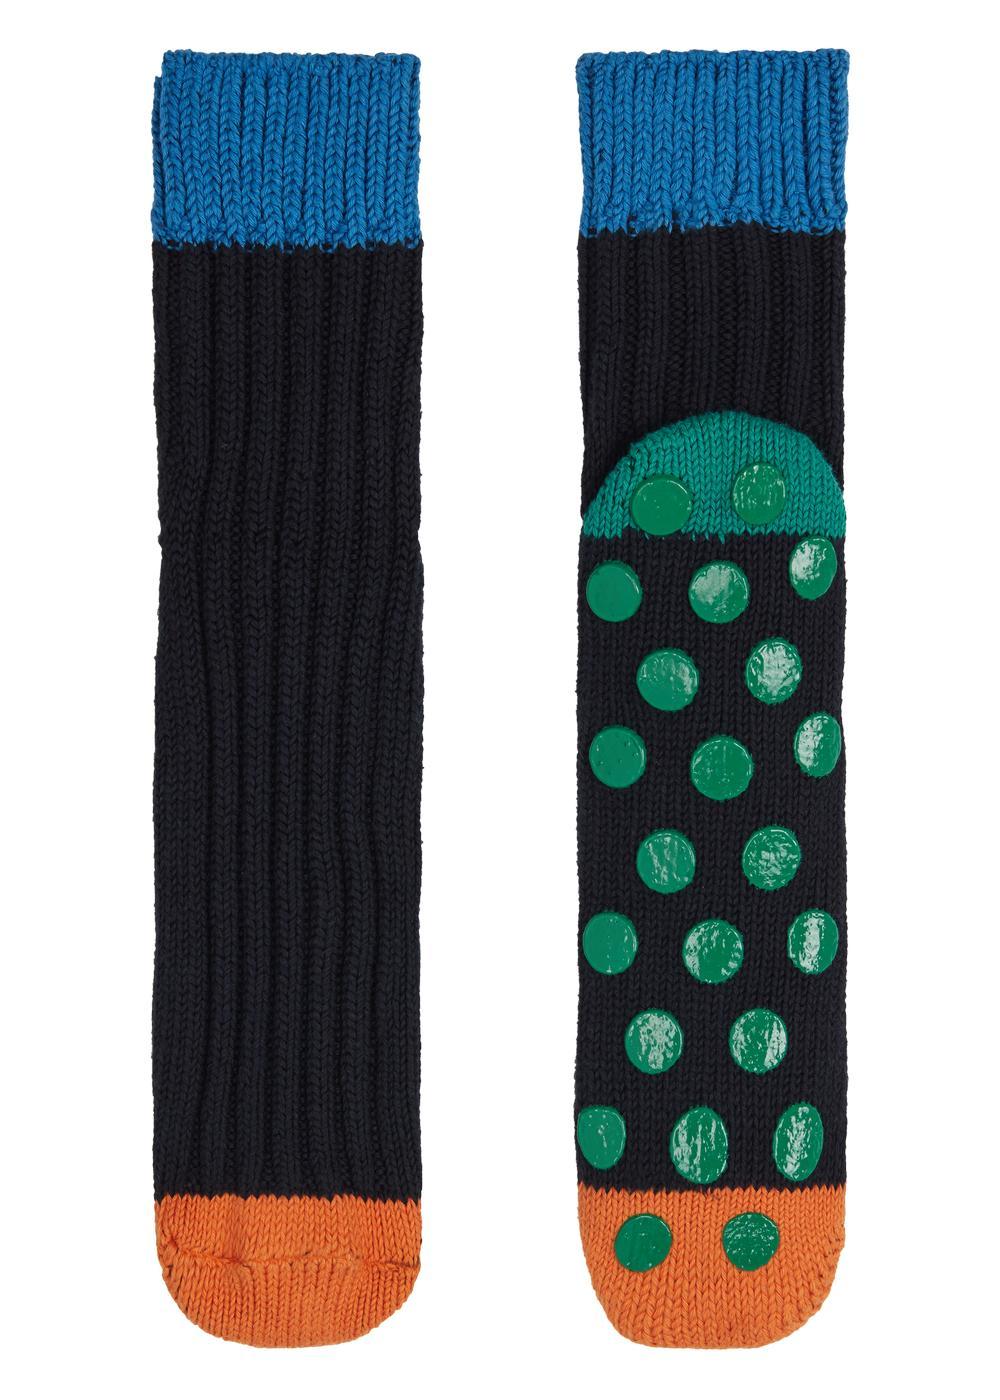 Kurze Antirutsch-Wollsocken mit Muster für Herren